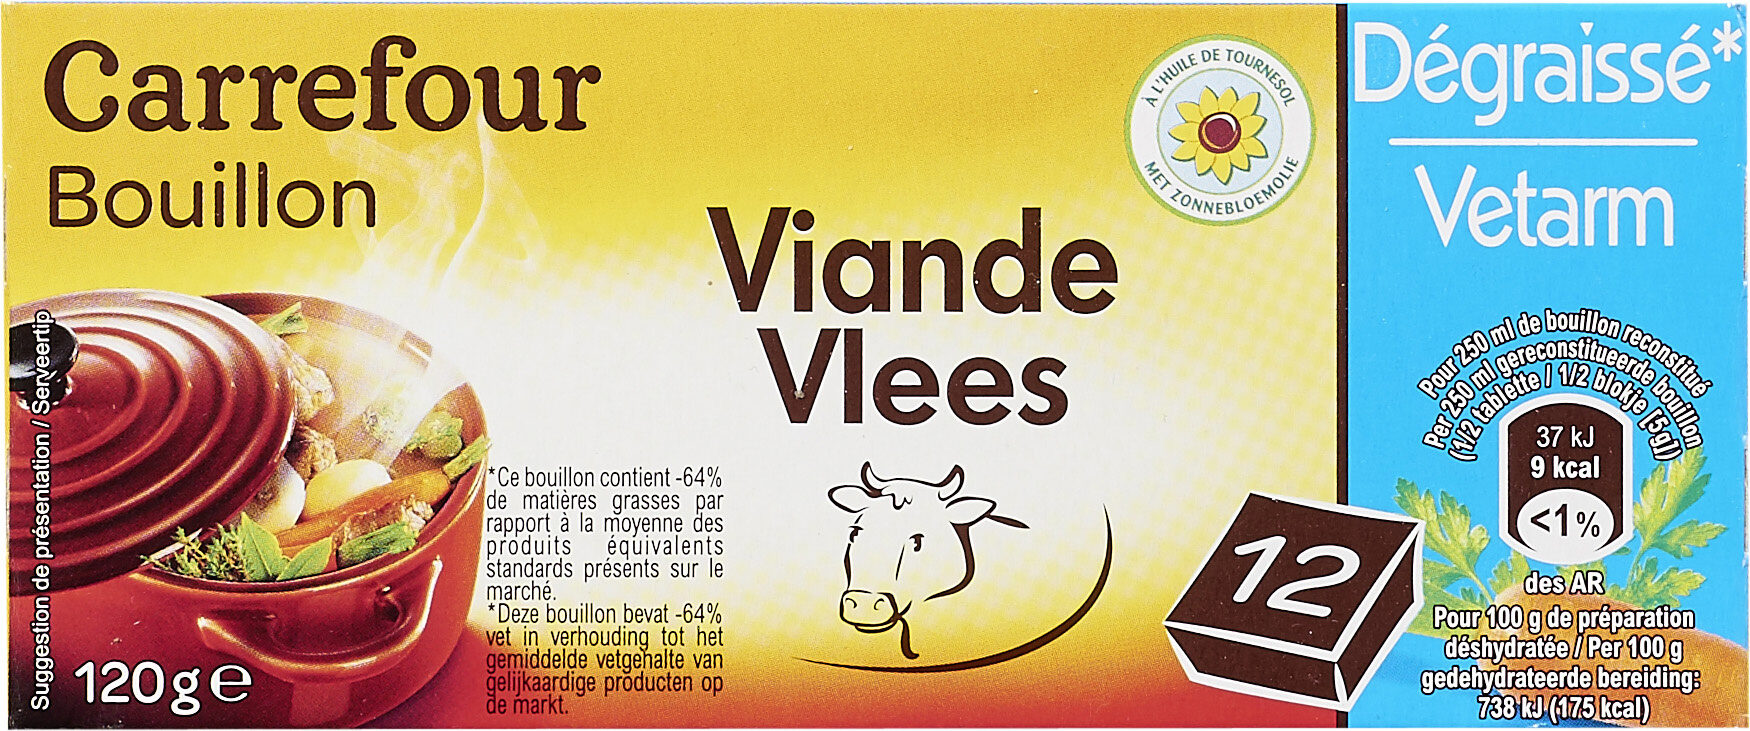 Bouillon Goût boeuf Dégraissé* - Producte - fr